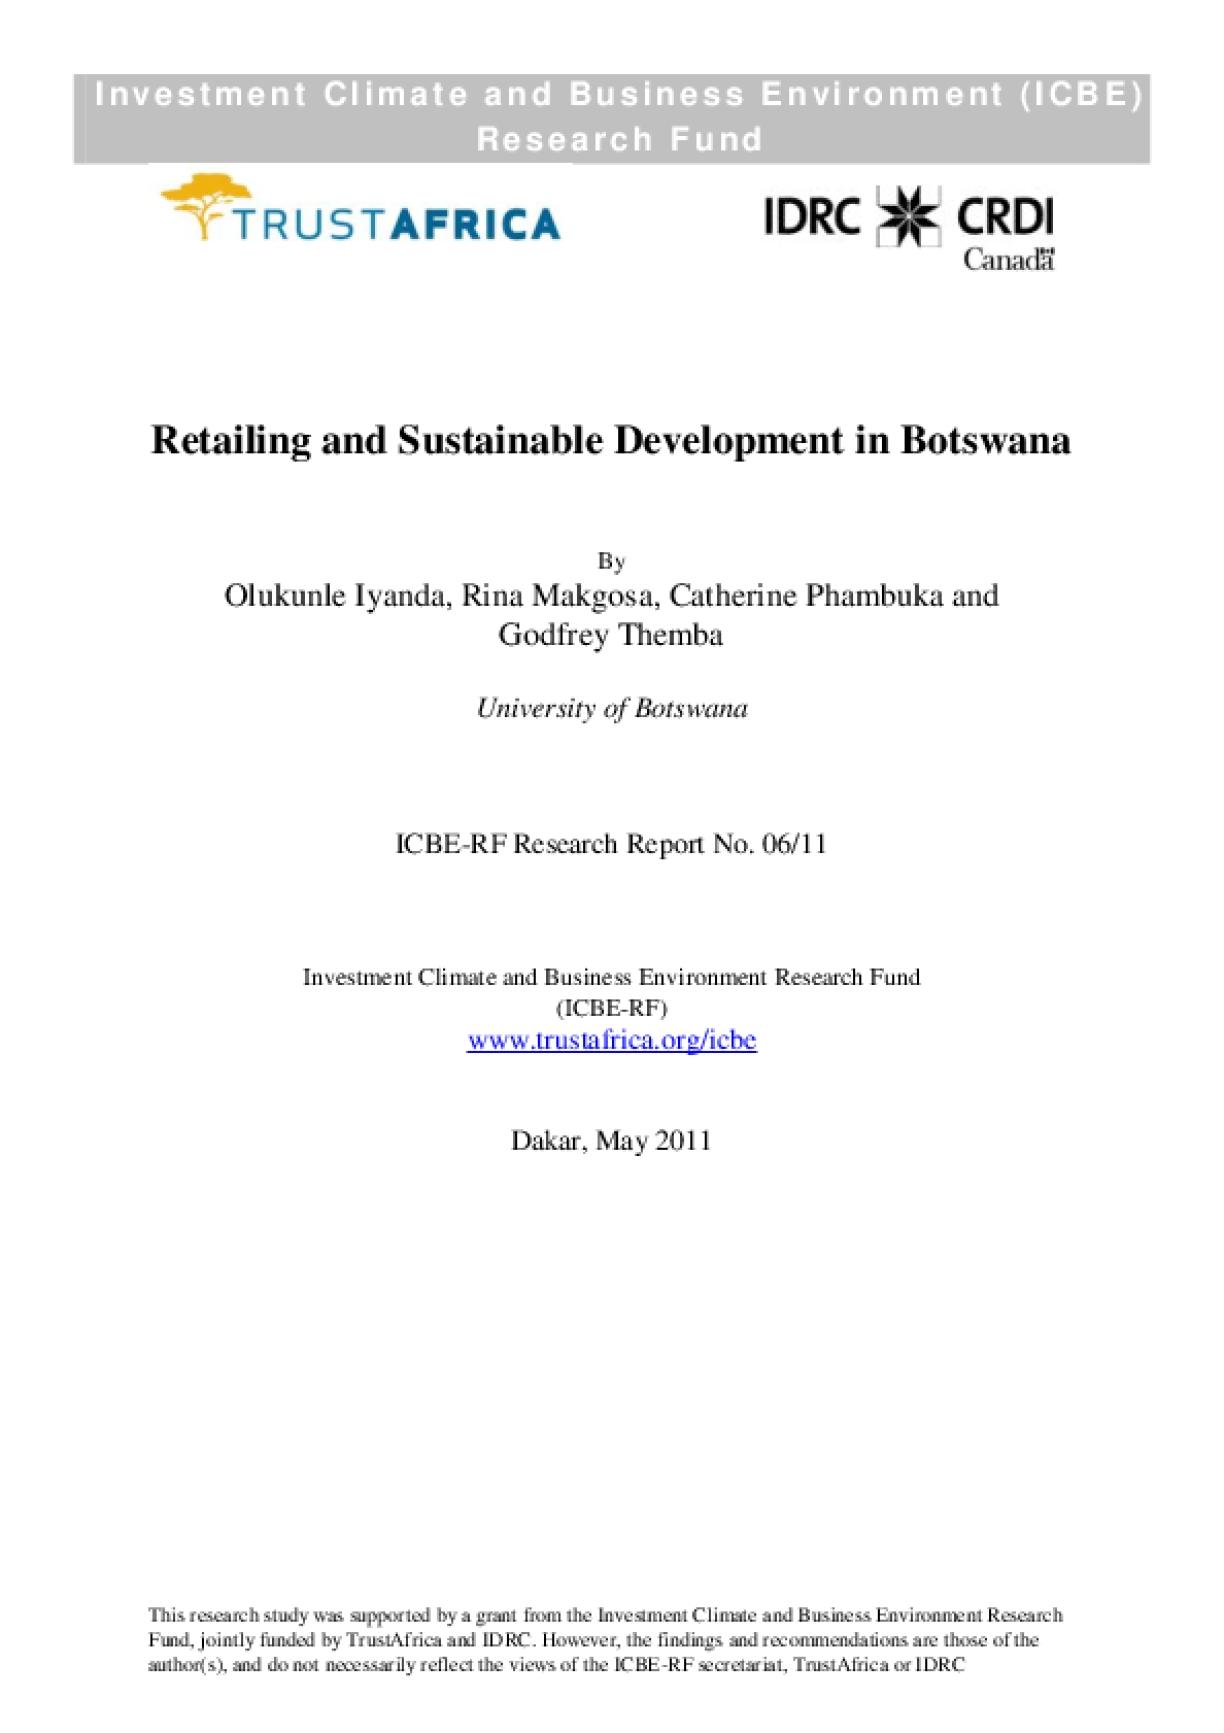 Retailing and Sustainable Development in Botswana